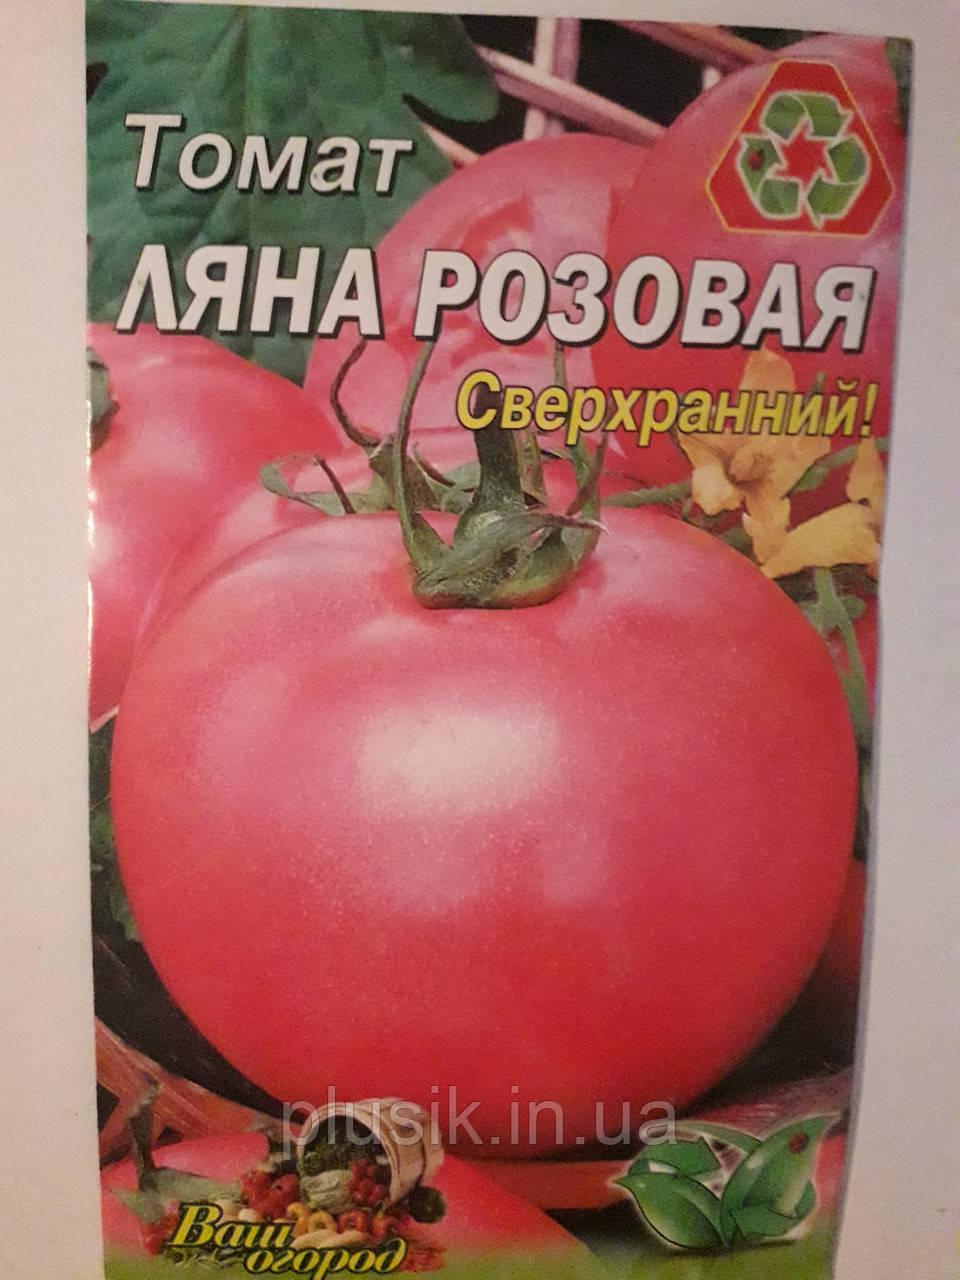 Томат Ляна рожева надранній 3 р. (мінімальне замовлення 10 пачок)